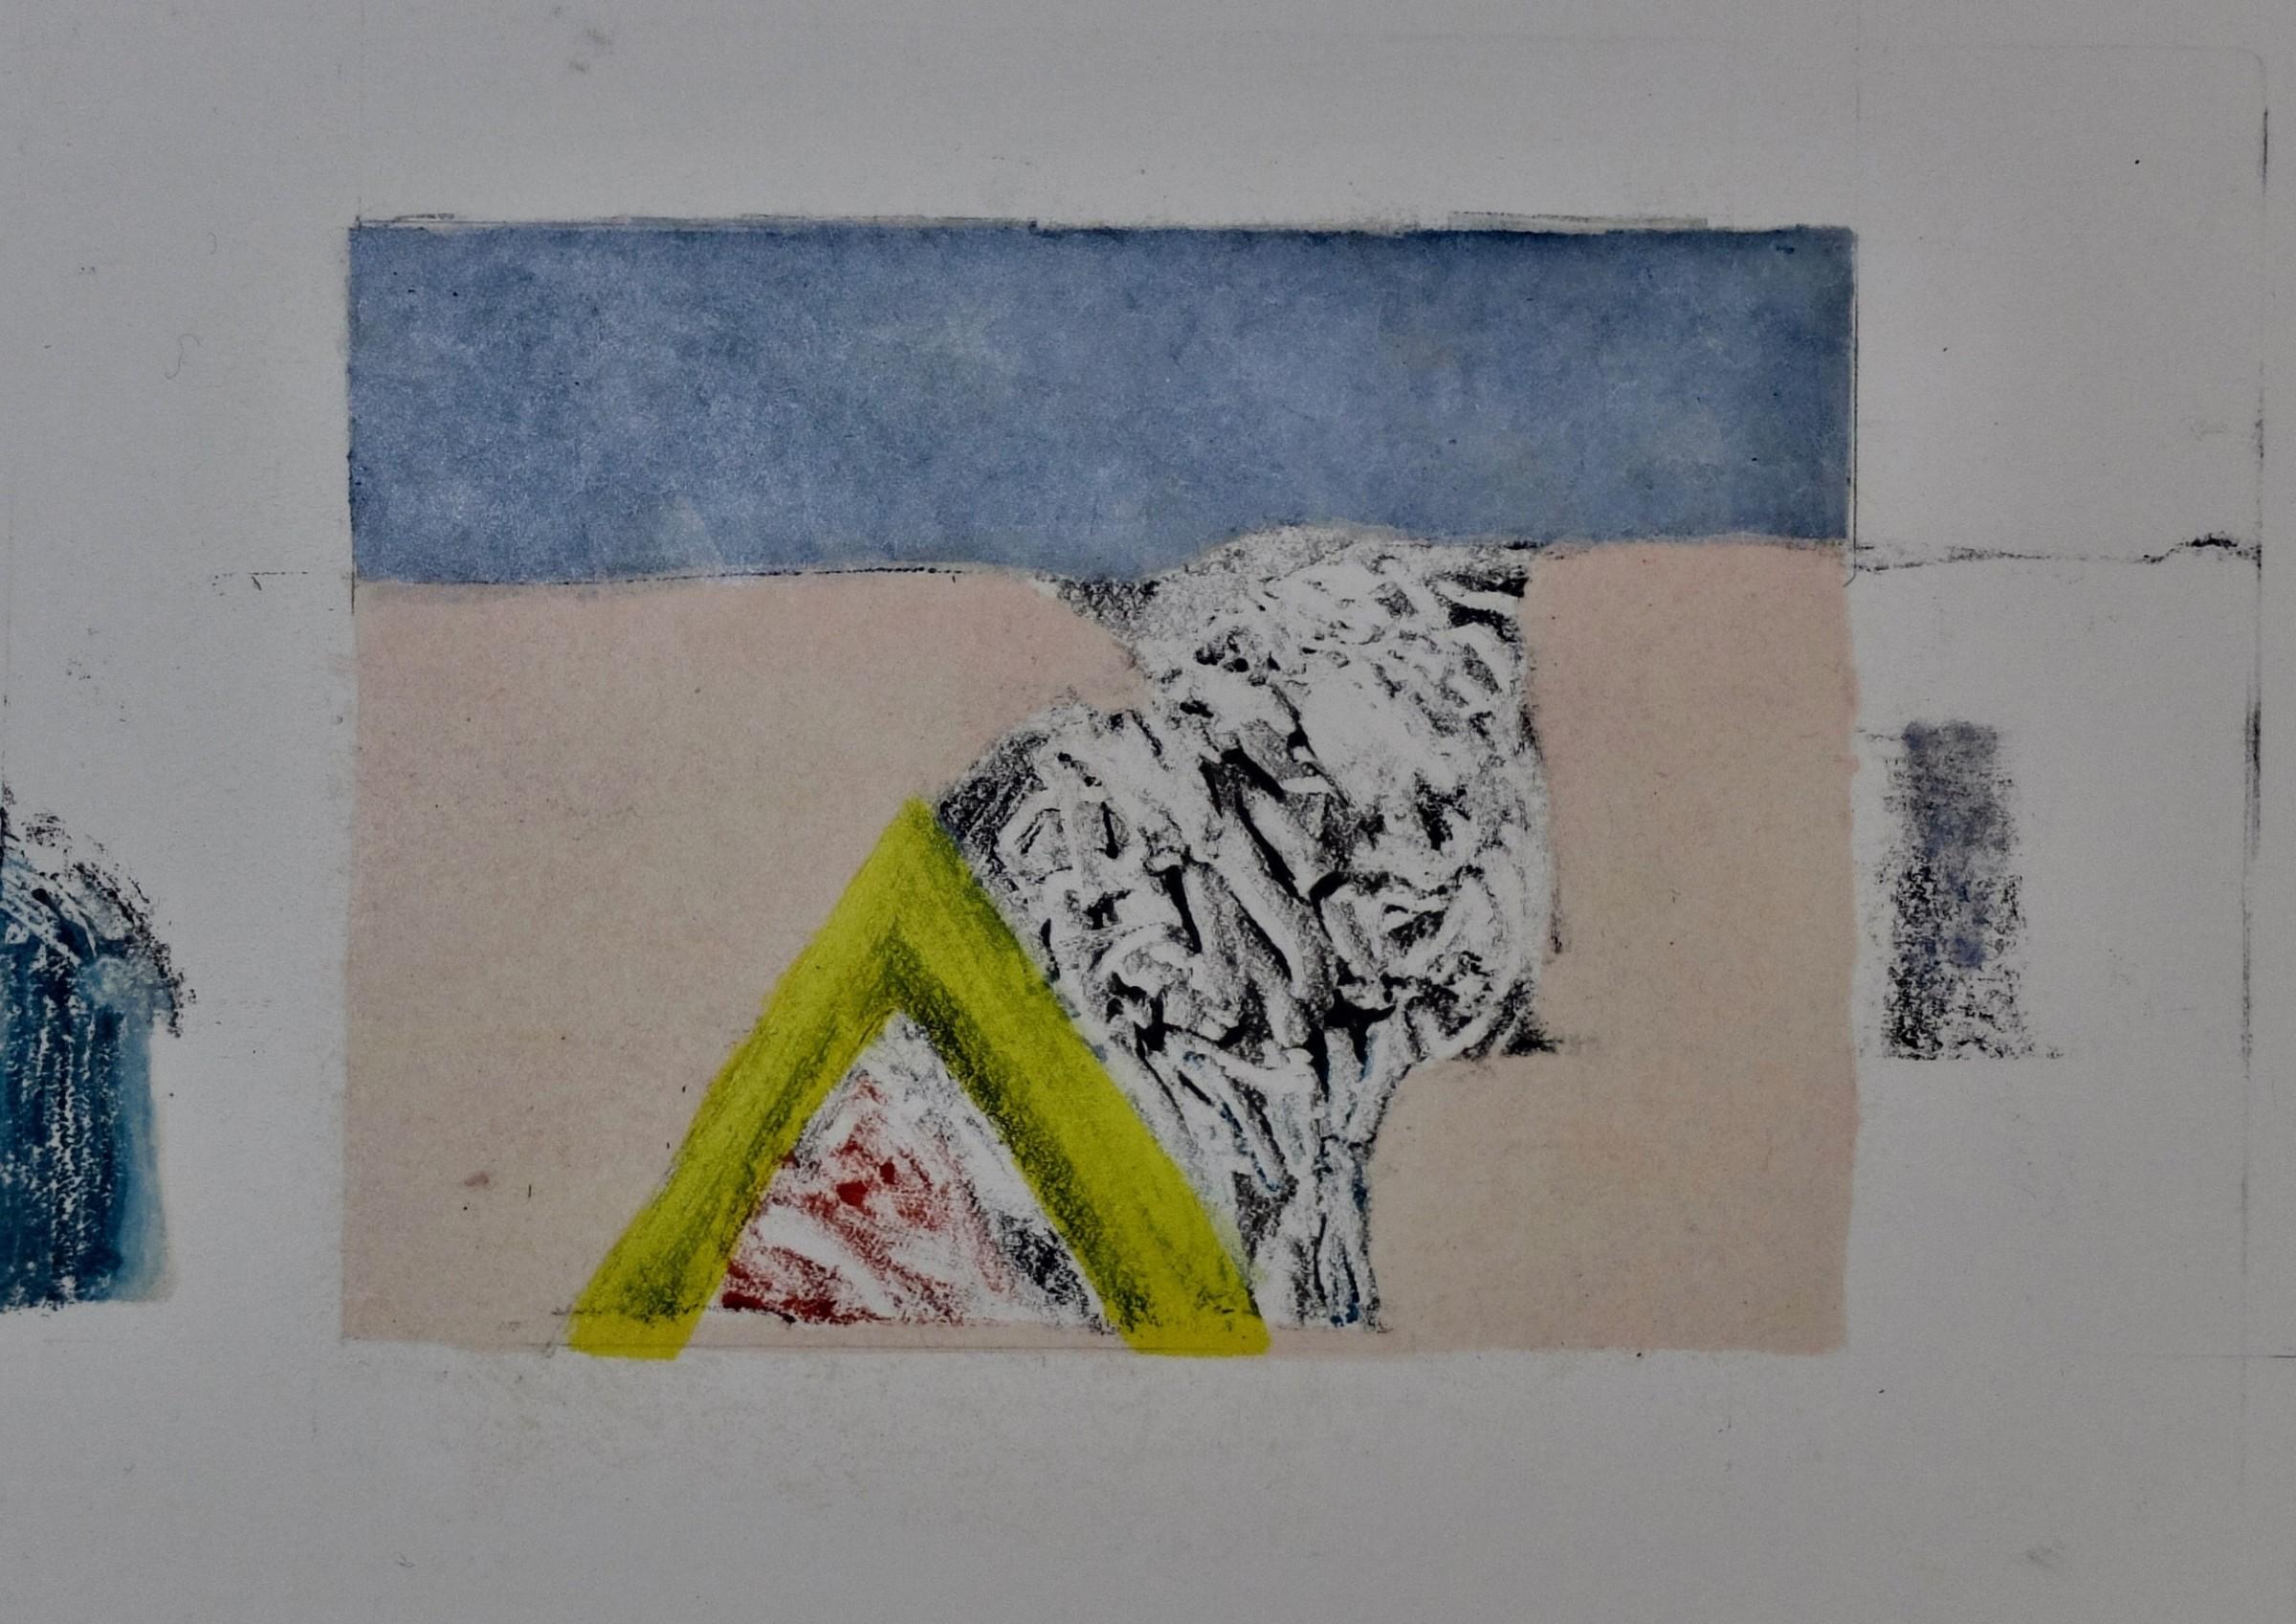 """<span class=""""link fancybox-details-link""""><a href=""""/exhibitions/20/works/artworks_standalone10793/"""">View Detail Page</a></span><div class=""""artist""""><span class=""""artist""""><strong>Robert Baggaley RE</strong></span></div><div class=""""title""""><em>Coast</em></div><div class=""""medium"""">monotype</div><div class=""""dimensions"""">15 x 22 cm image size<br></div><div class=""""edition_details"""">unique</div>"""